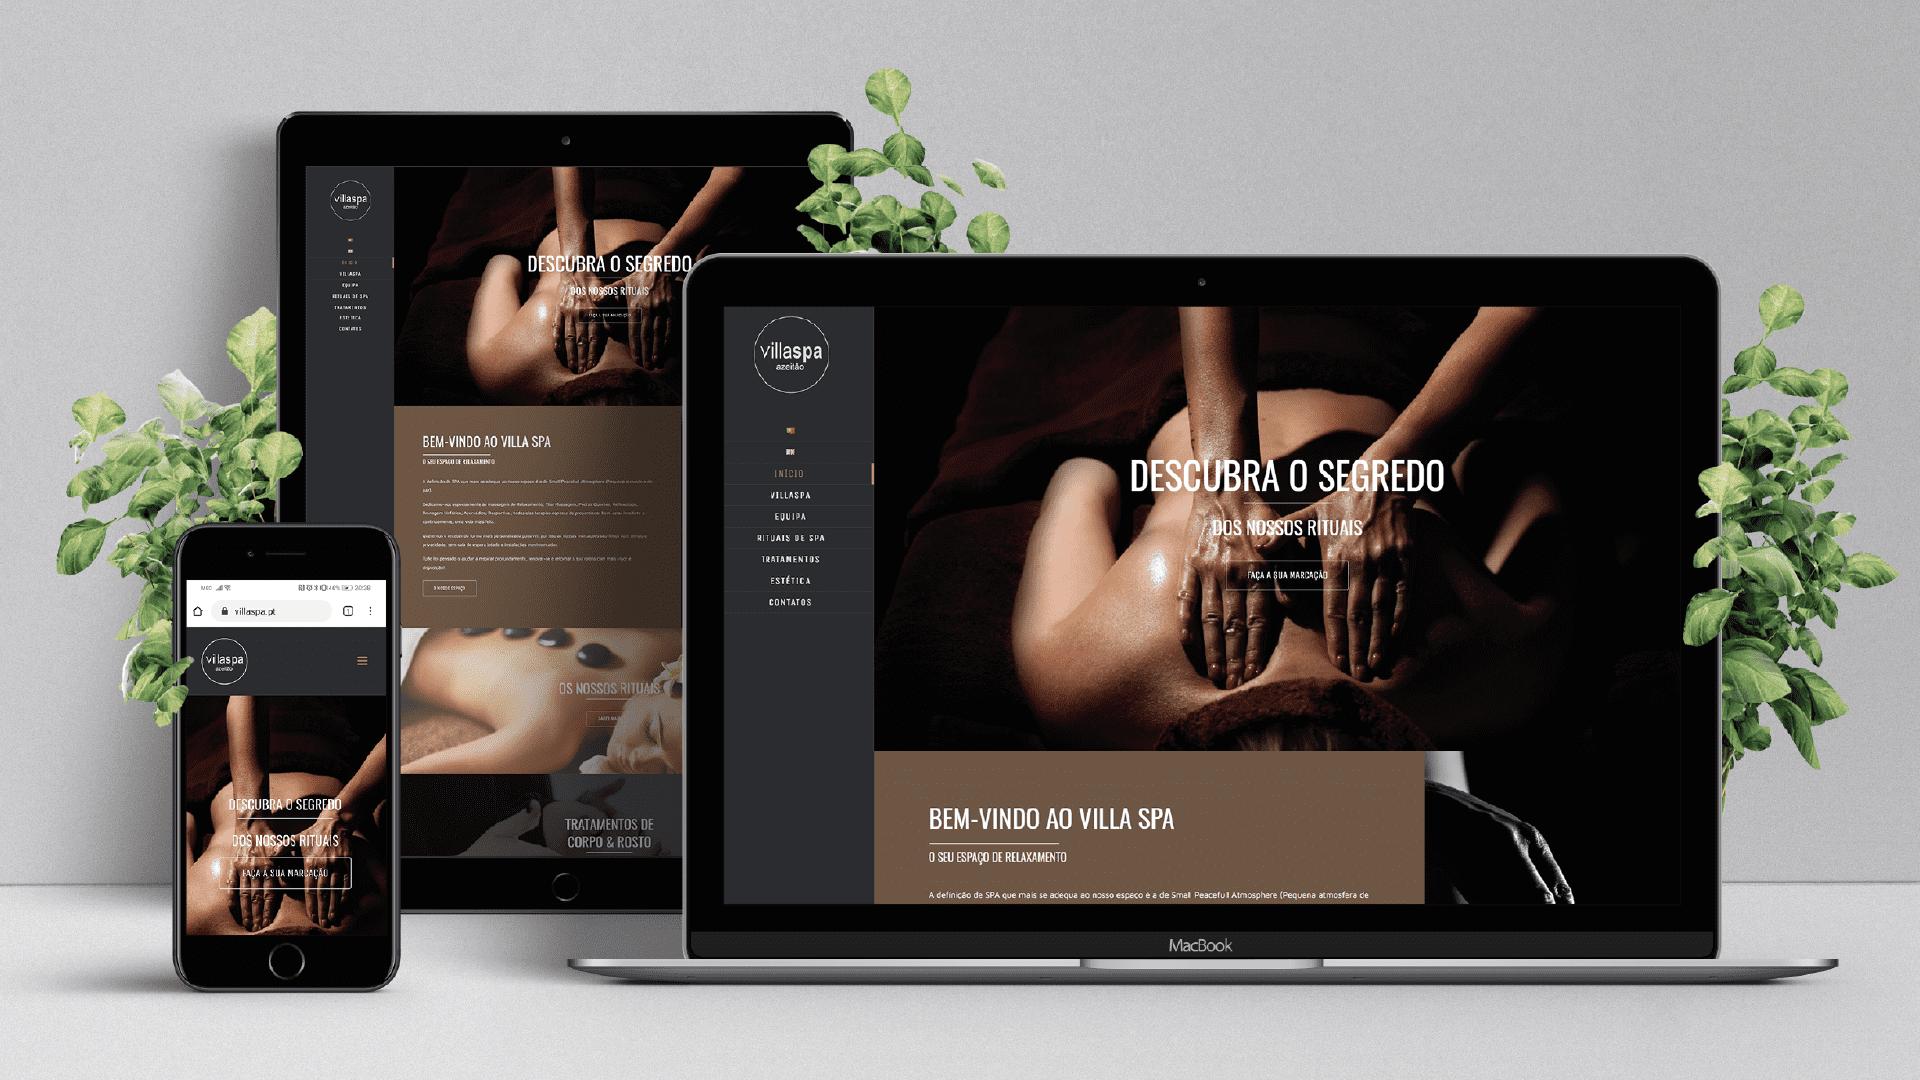 criação de website villaspa - desktop, tablet e smartphone